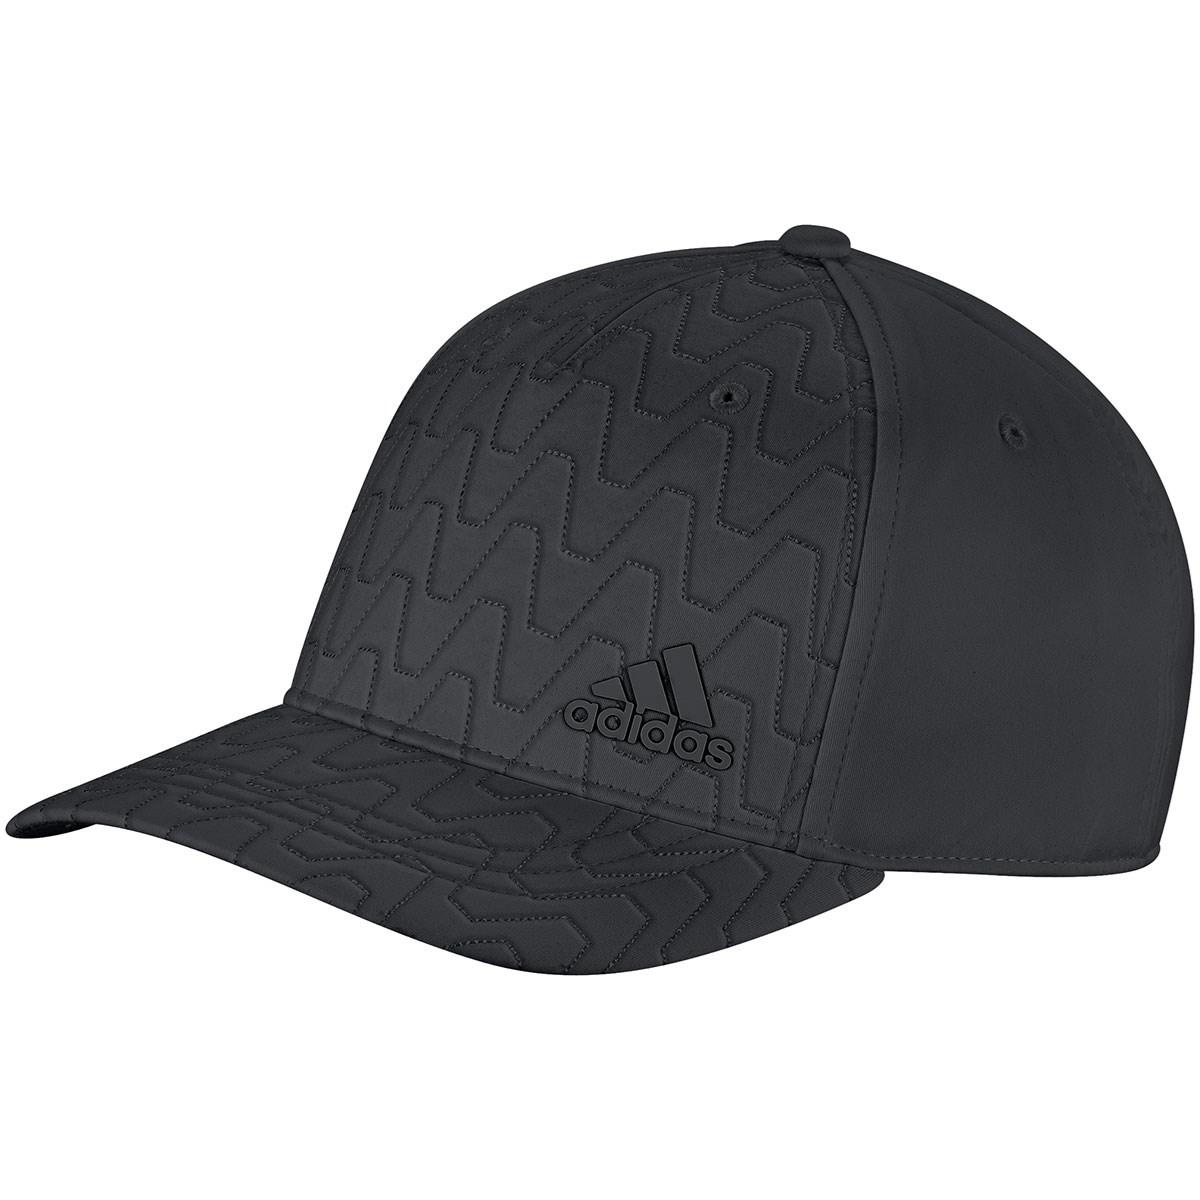 アディダス Adidas キルティングウォームキャップ フリー ブラック